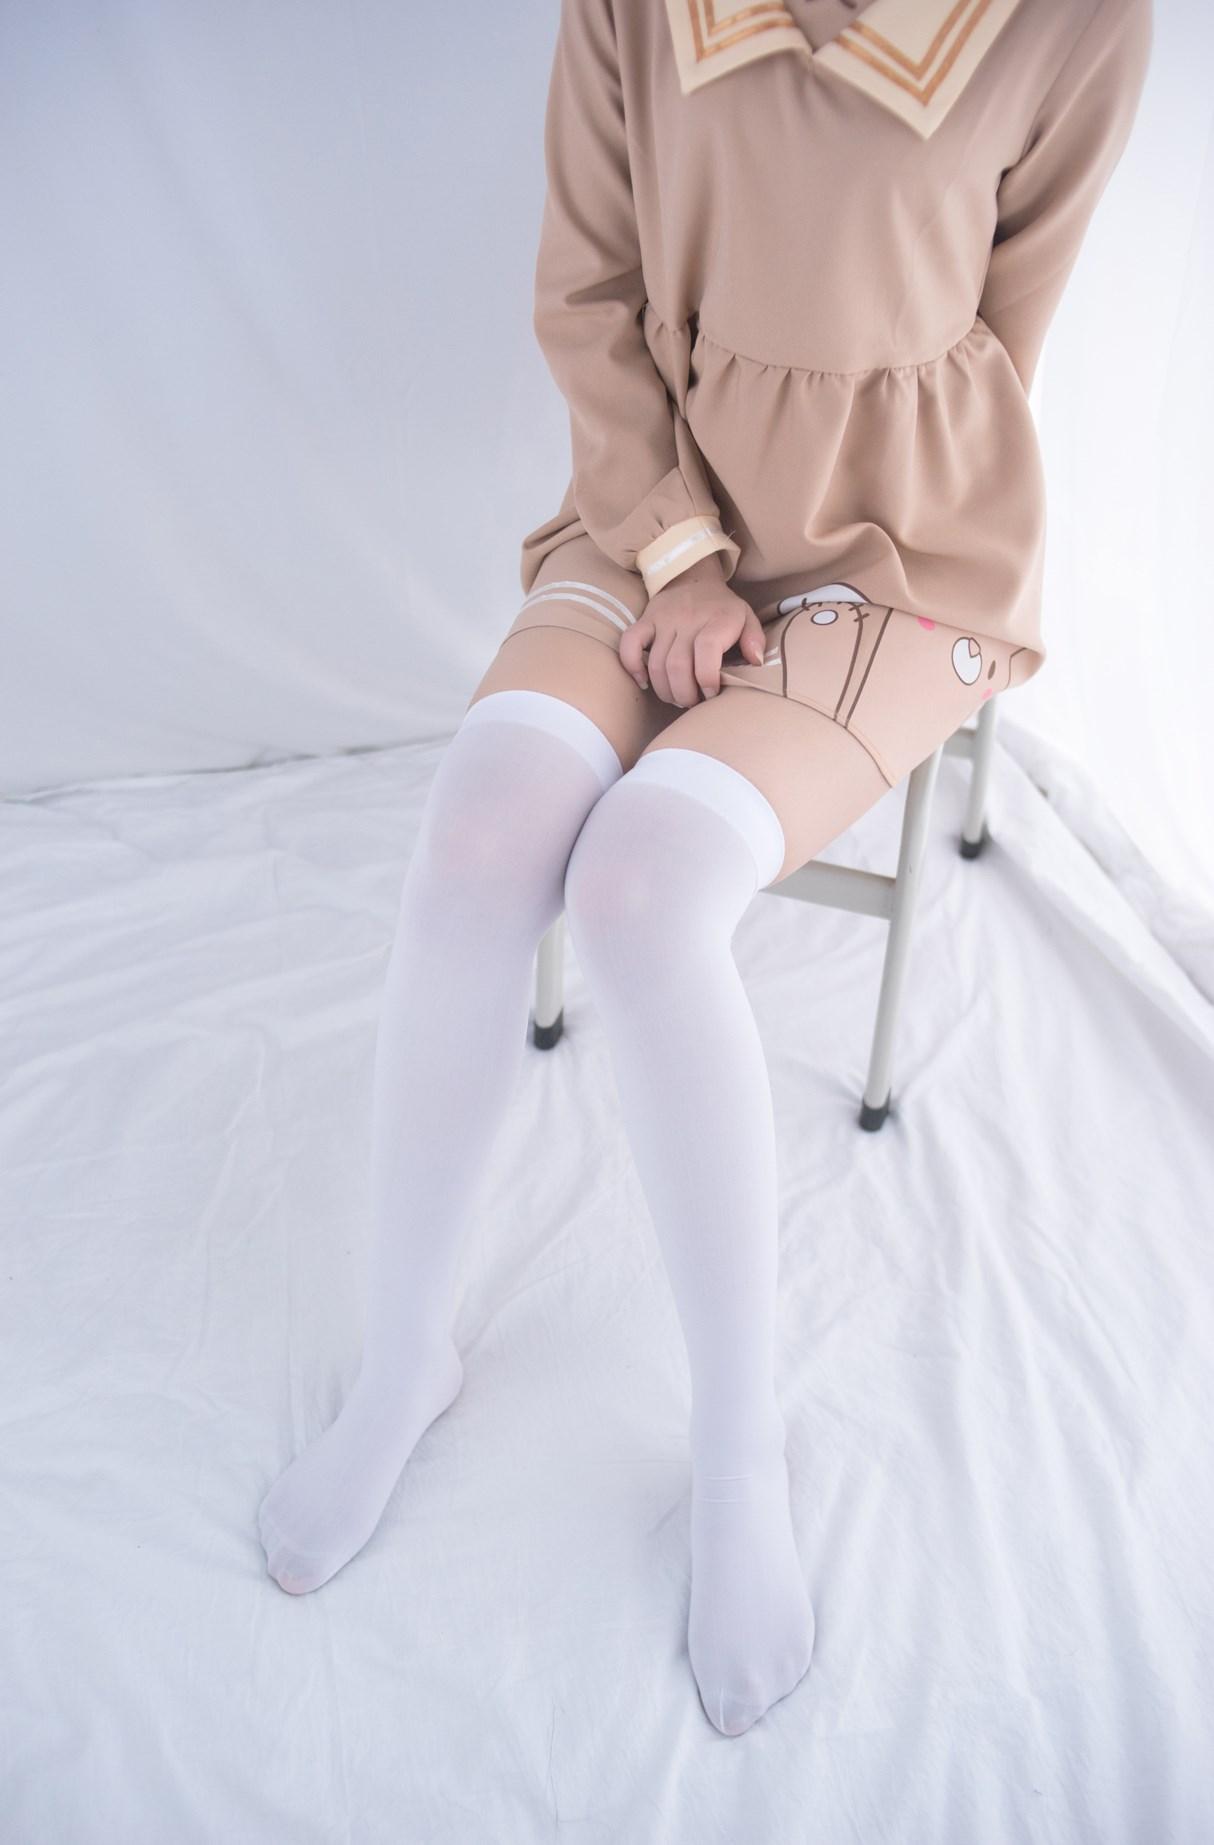 【兔玩映画】小熊萝莉 兔玩映画 第24张